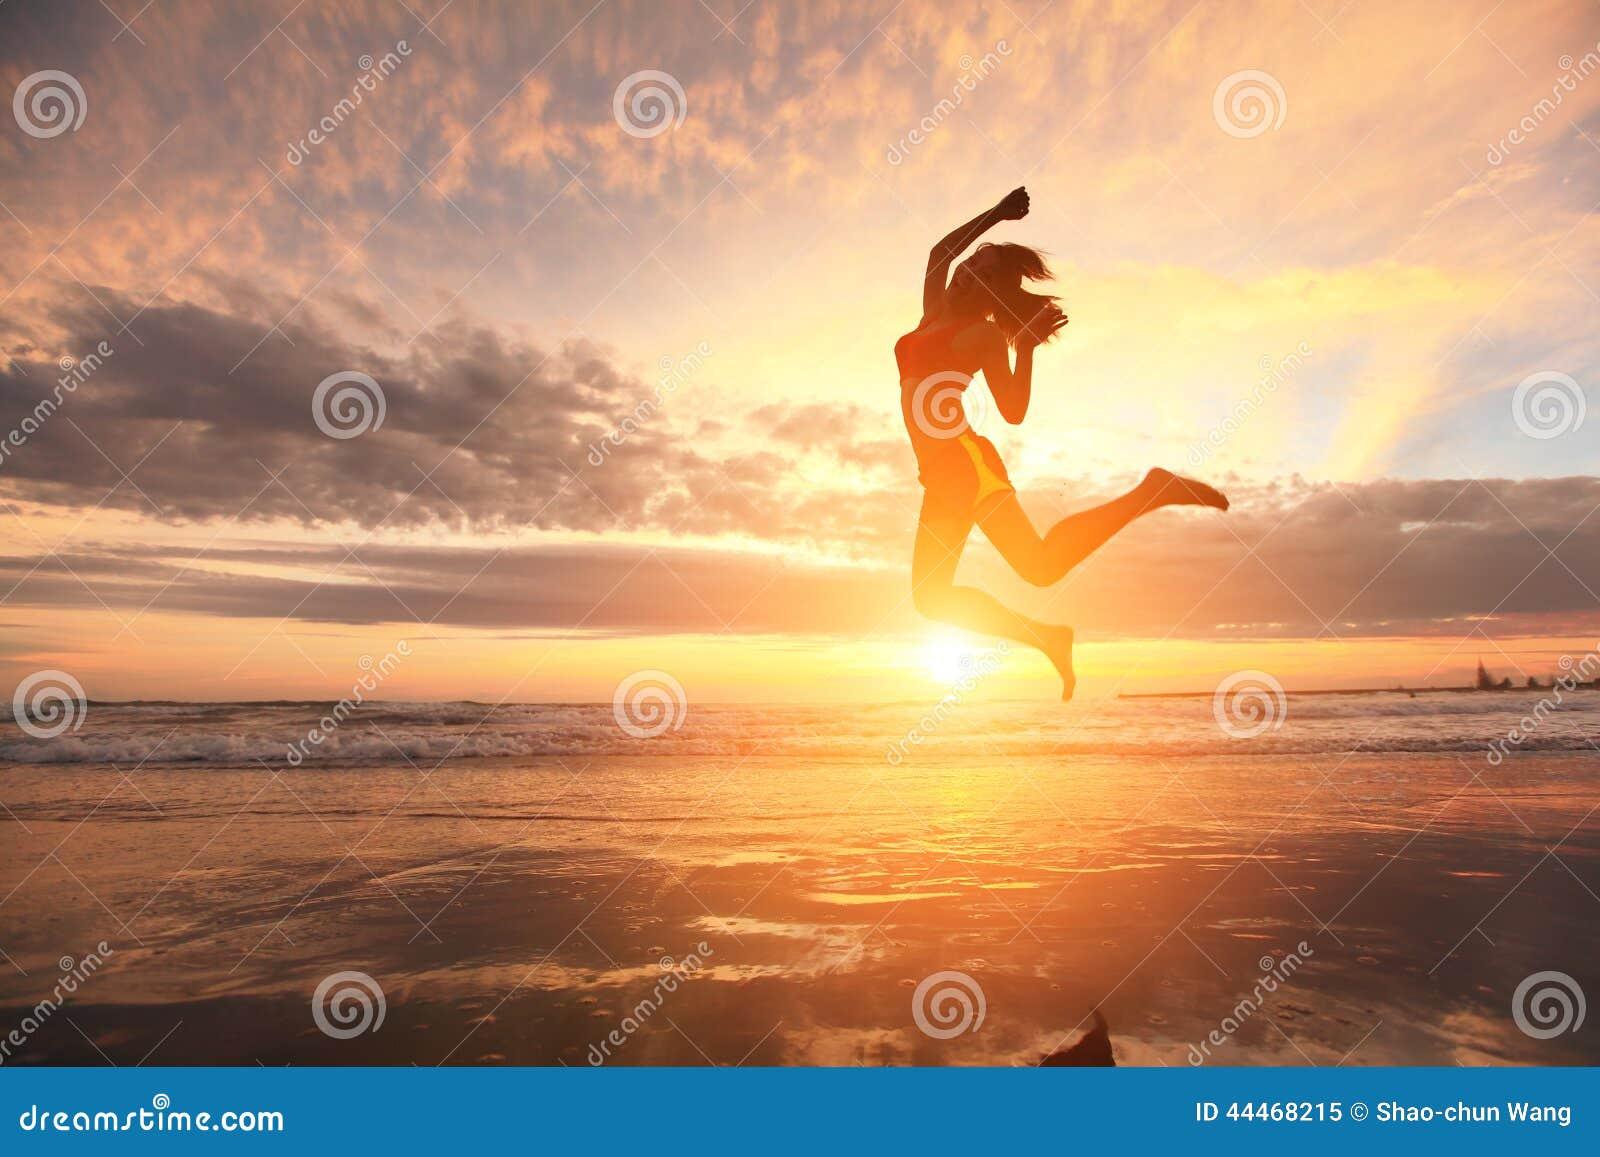 Glückliche Sprungssportfrau